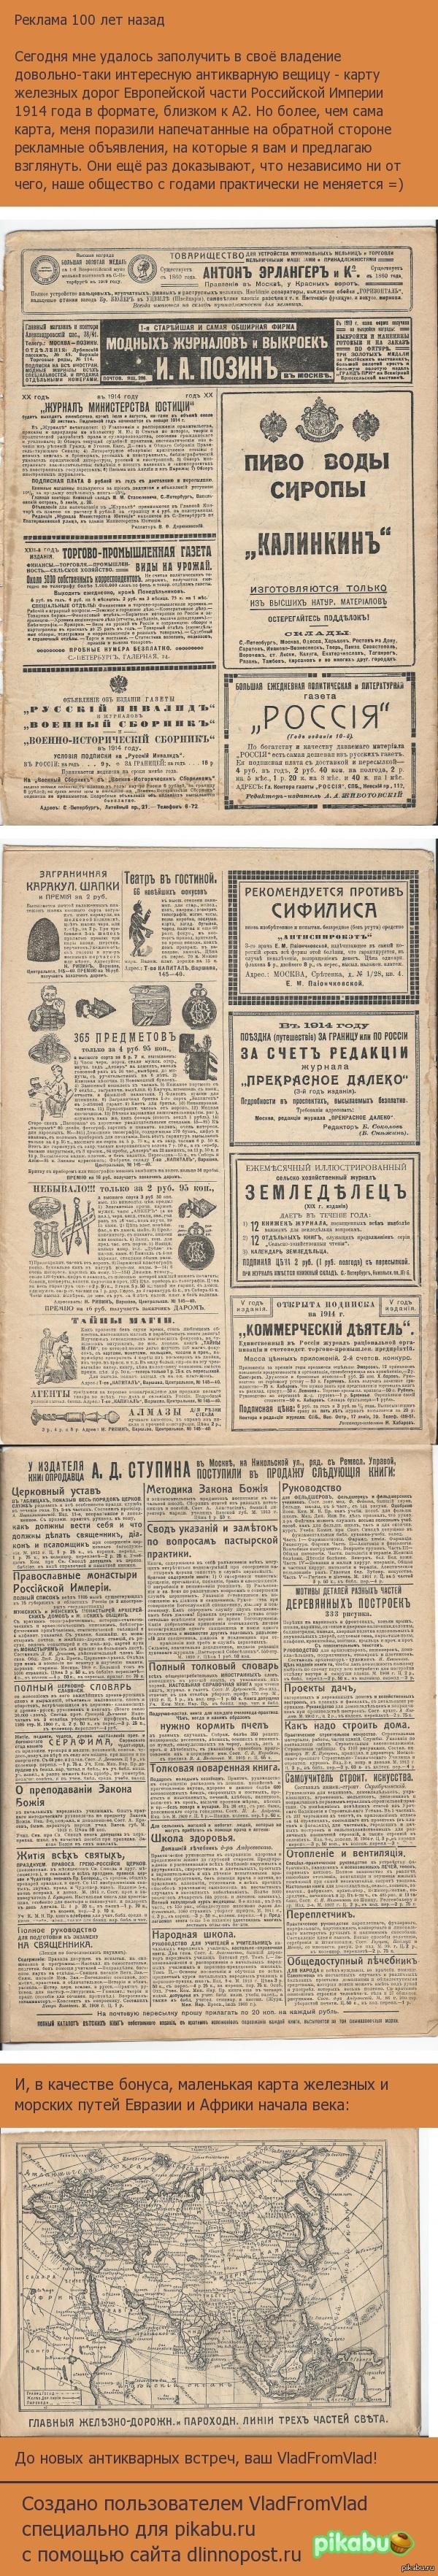 Журнал 1914 года Из Российской Империи. Сканы в комментах.